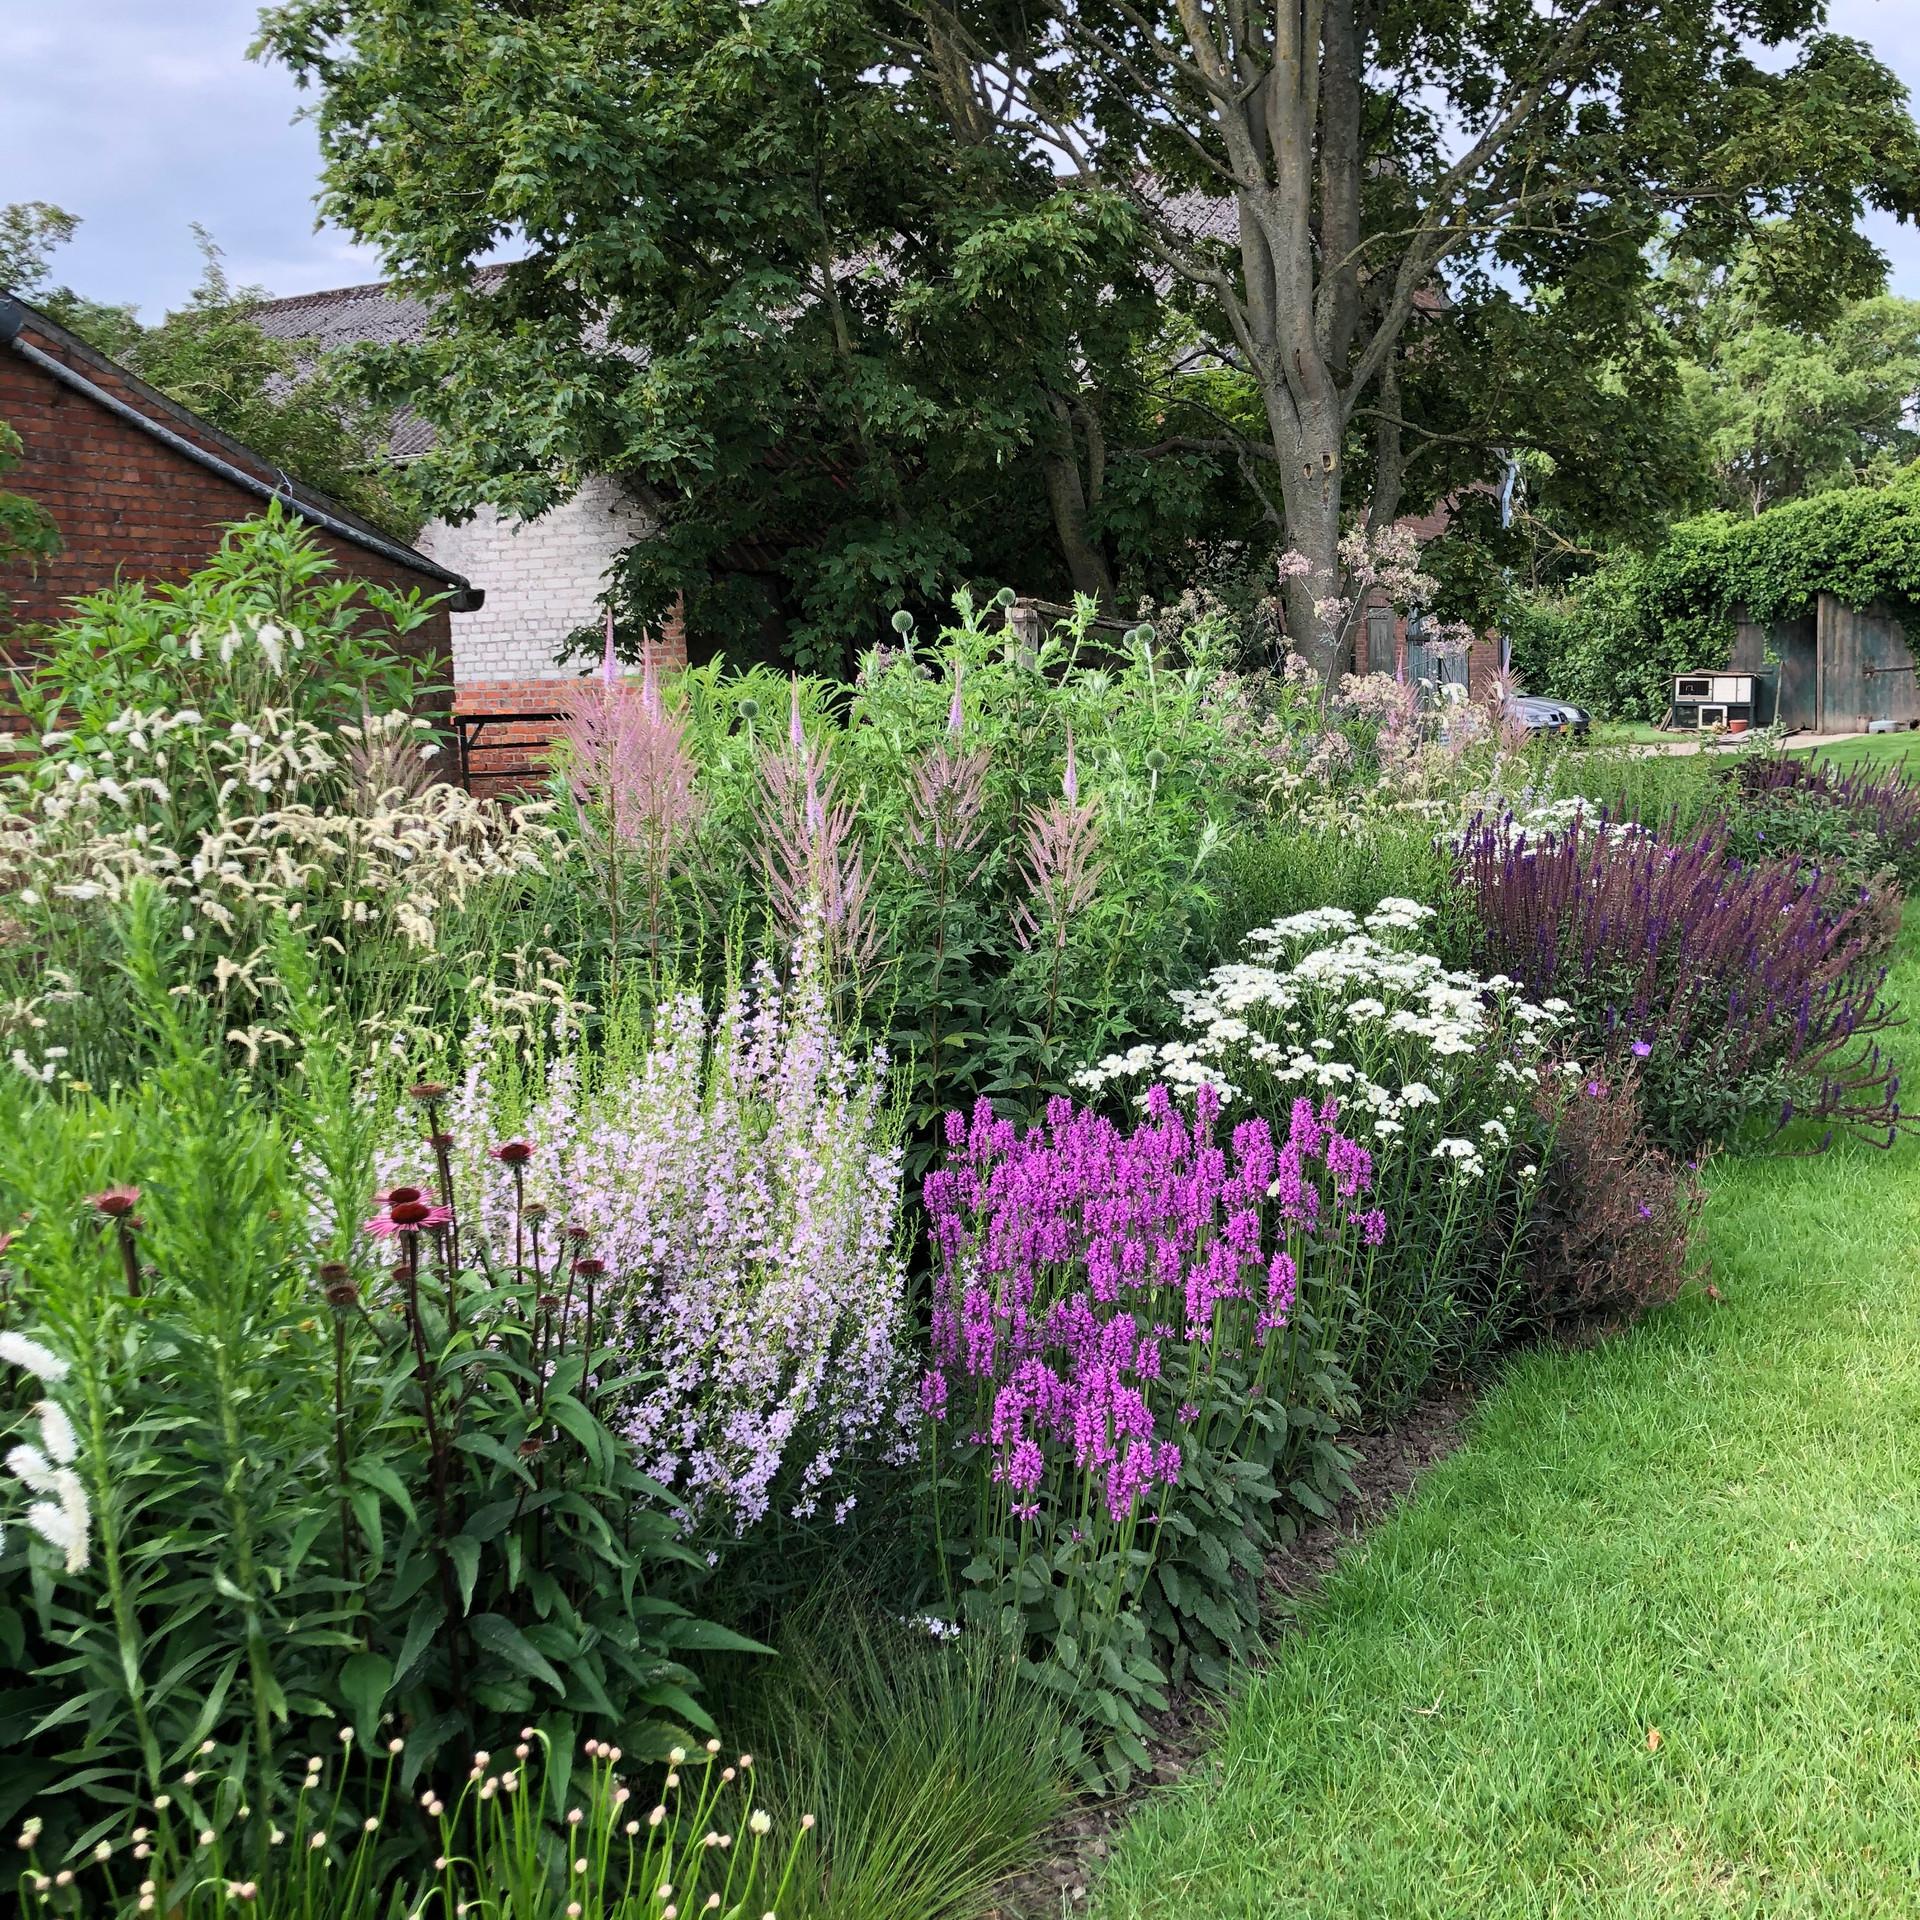 De landschappelijke tuin  |   Schoondijke  |  5000 m²